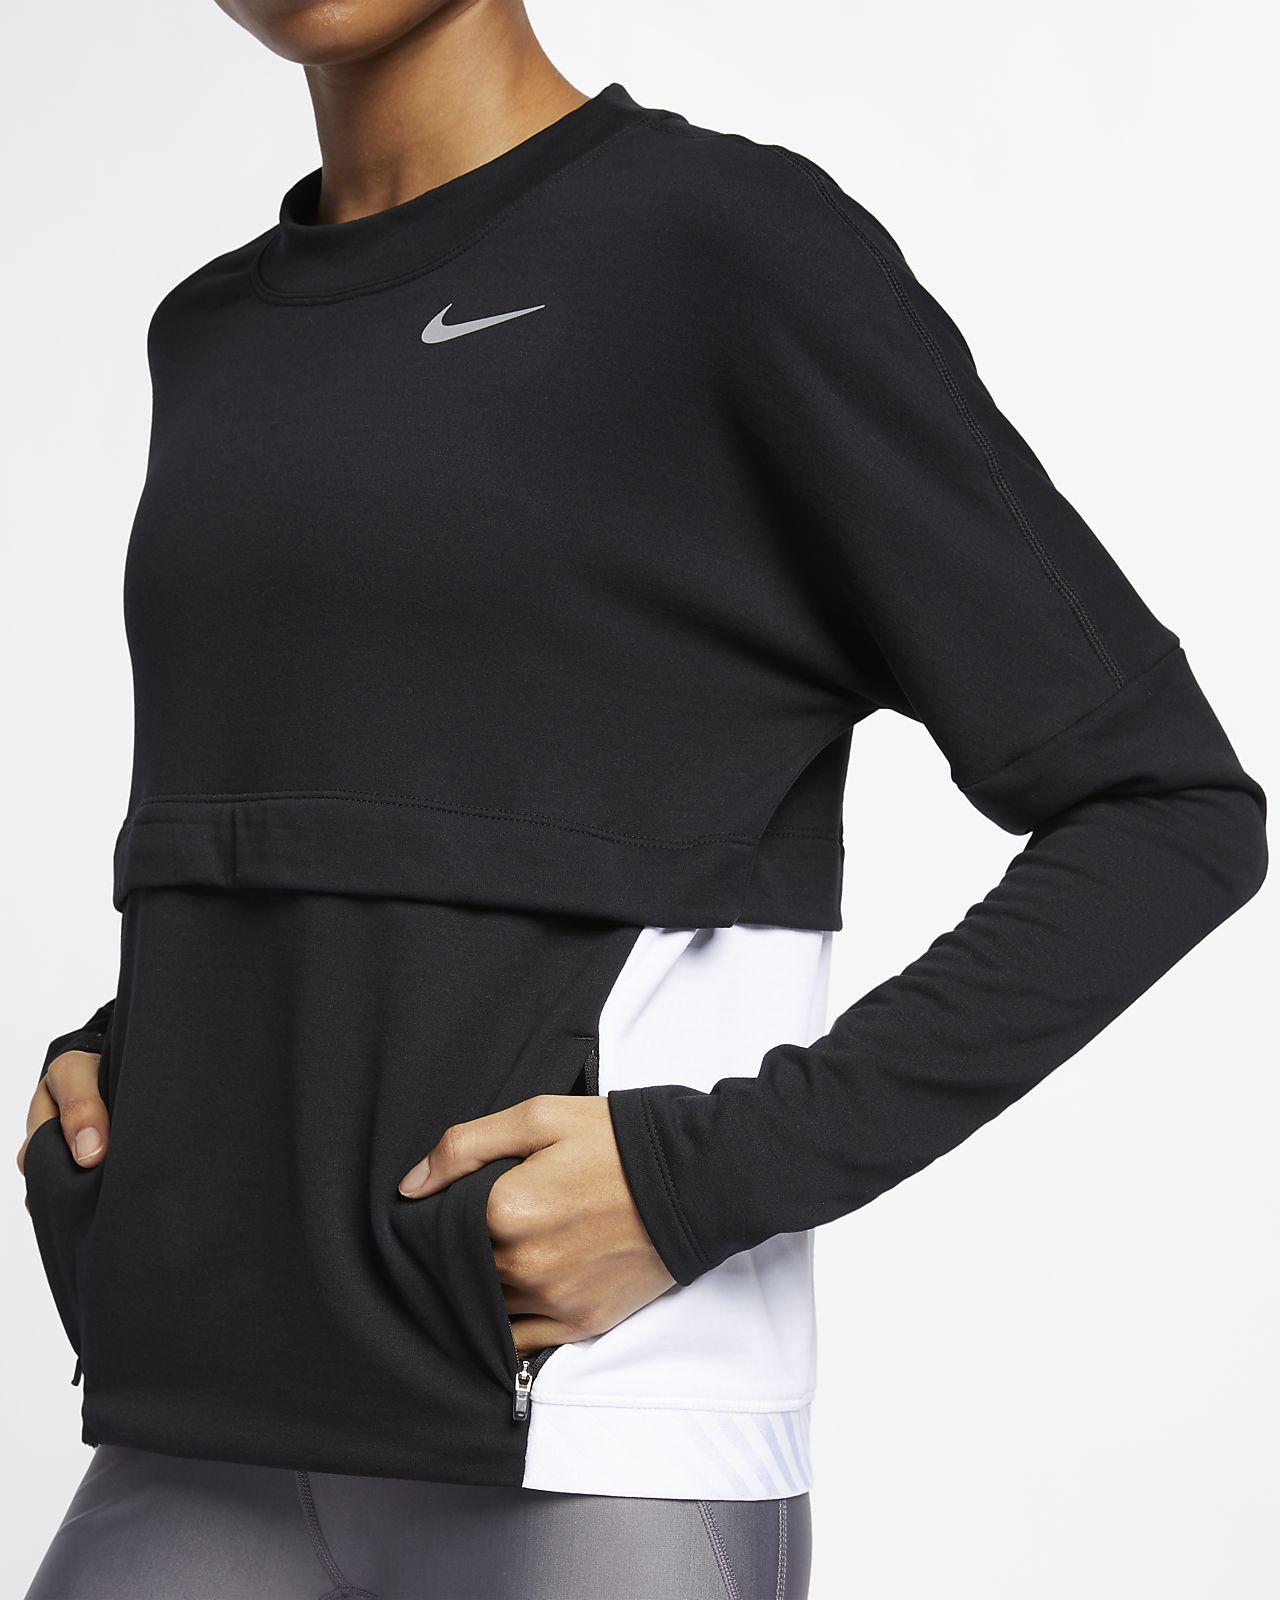 Nike Therma Sphere Hardlooptop voor dames